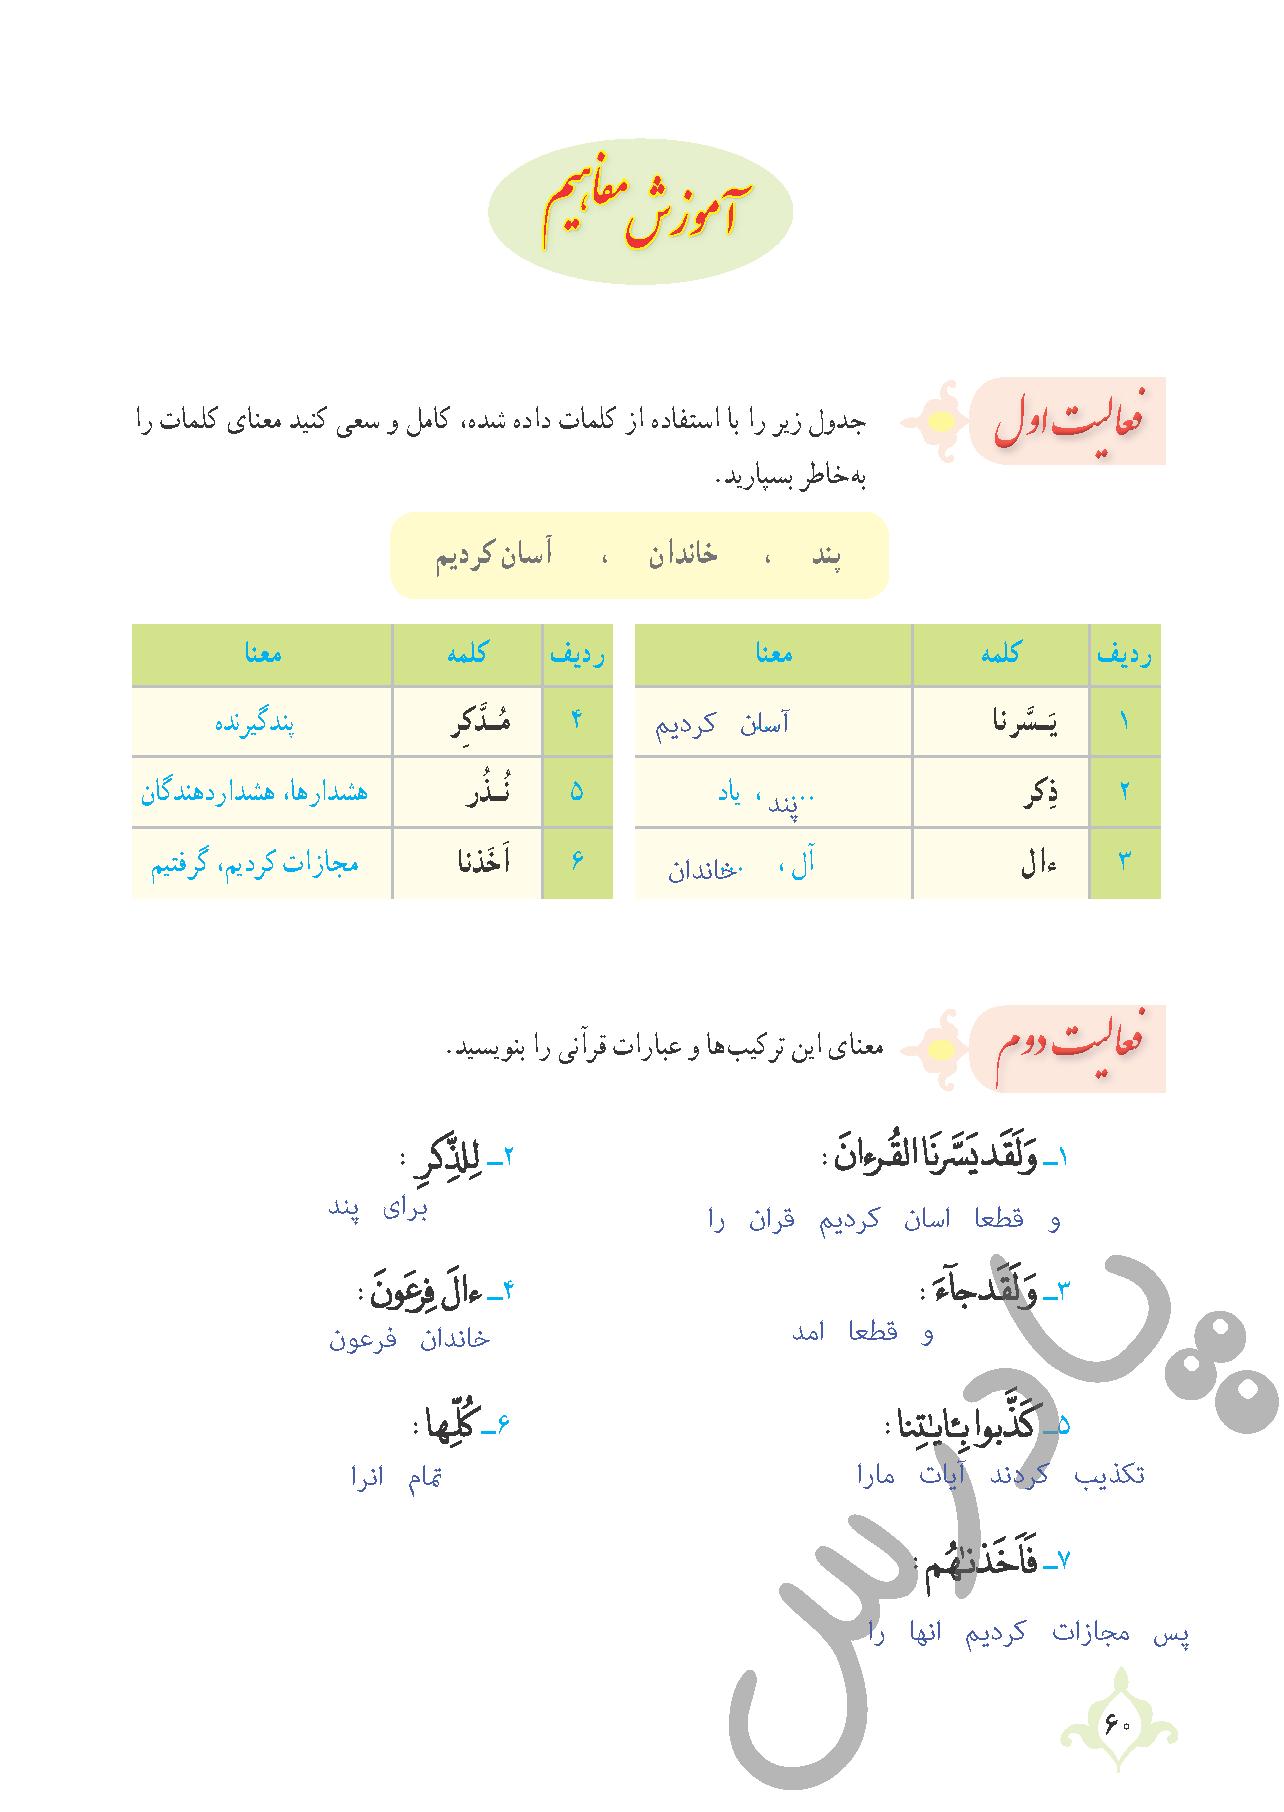 پاسخ فعالیت درس 5 قرآن نهم - جلسه دوم